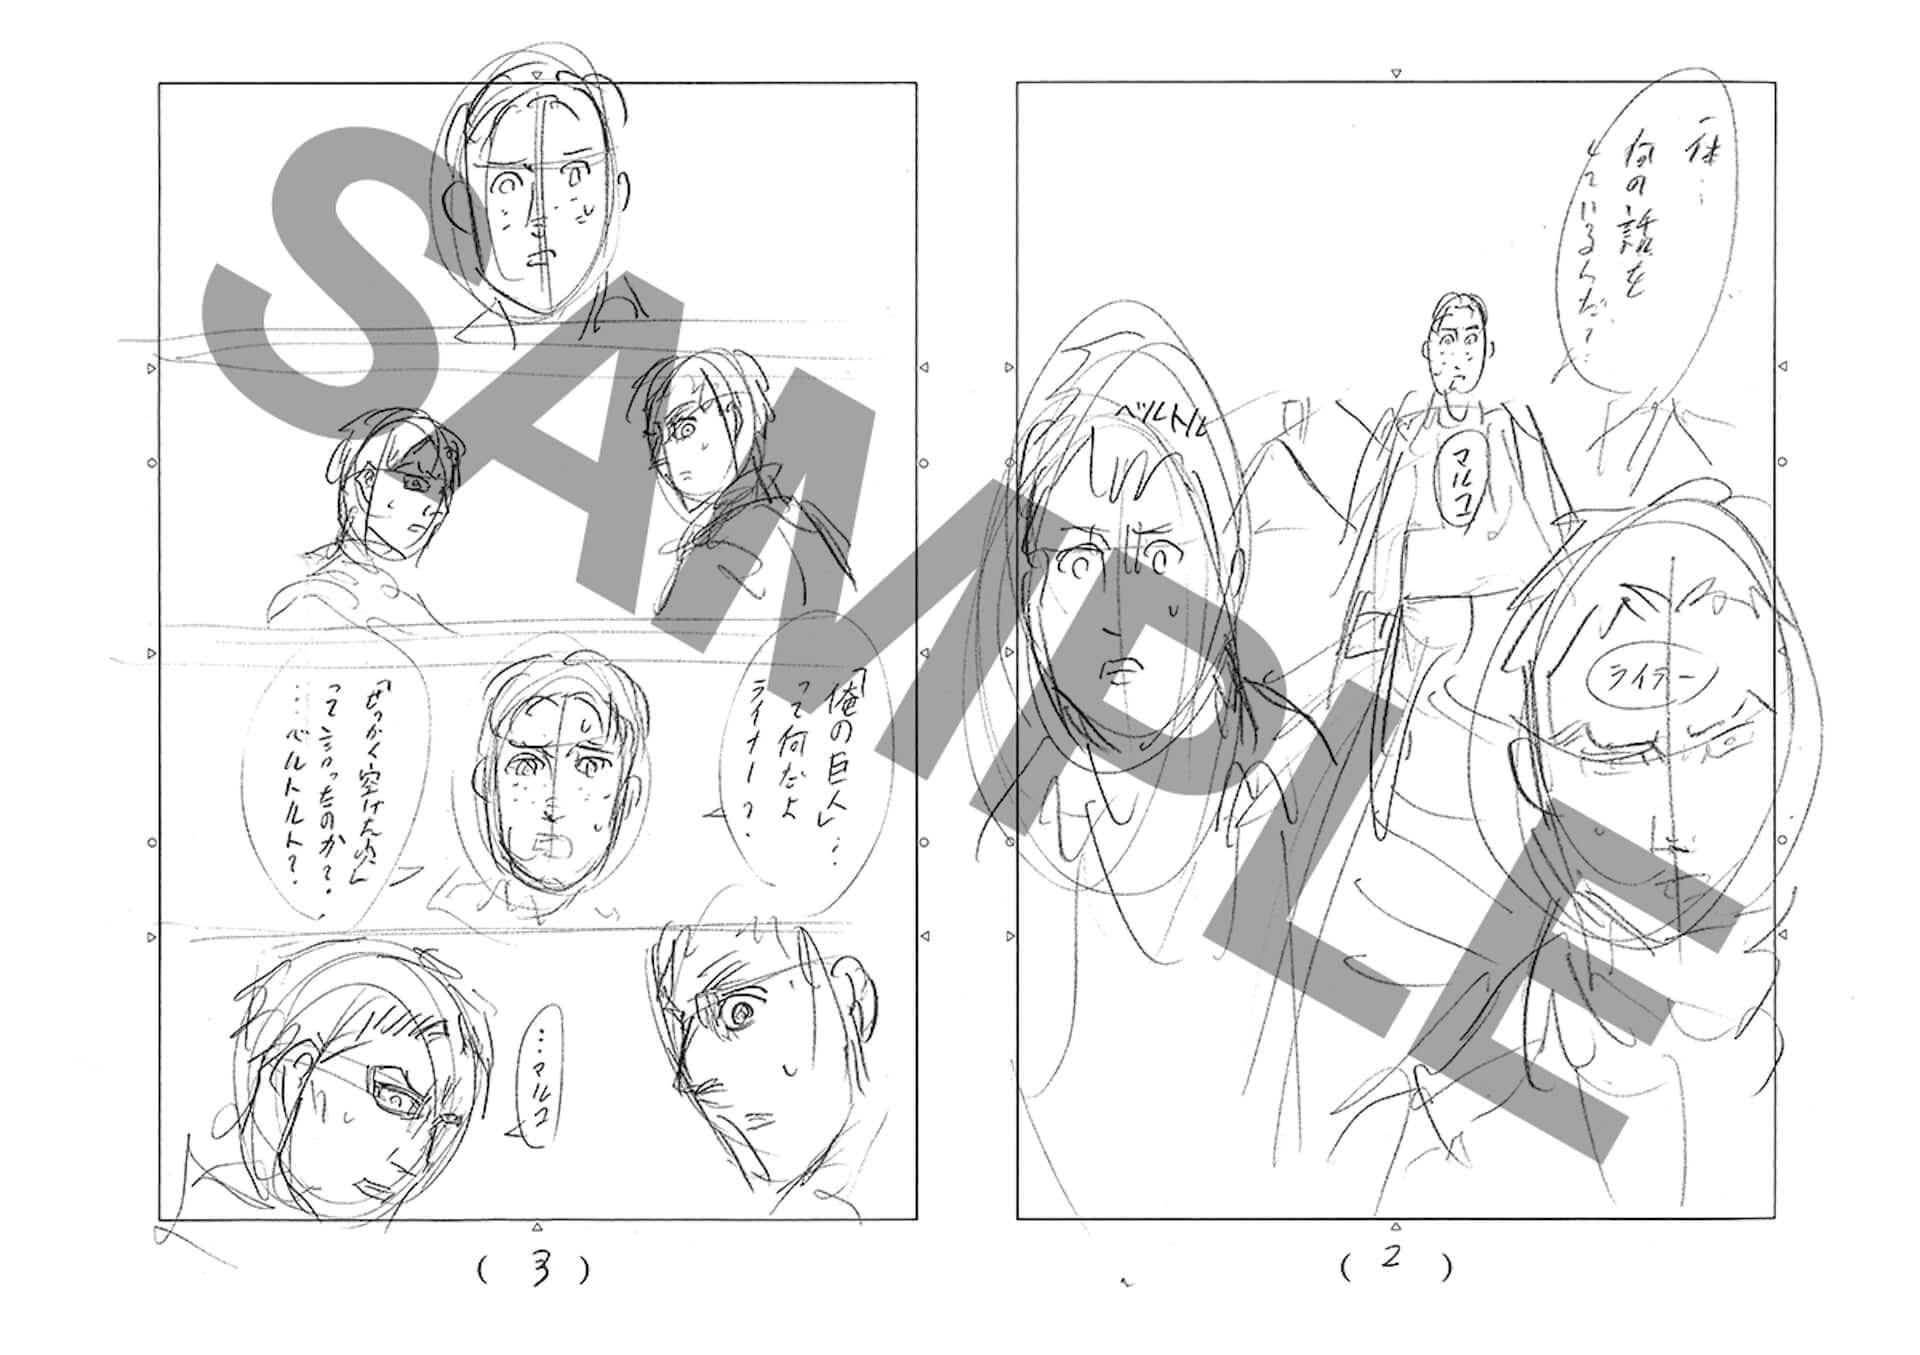 進撃の巨人がひらパーに襲来!<進撃の巨人展FINALinひらかたパーク>が開催|大阪展限定描き下ろしアニメイラストも公開 art190913_shingekinokyojin_hirakata_21-1920x1355